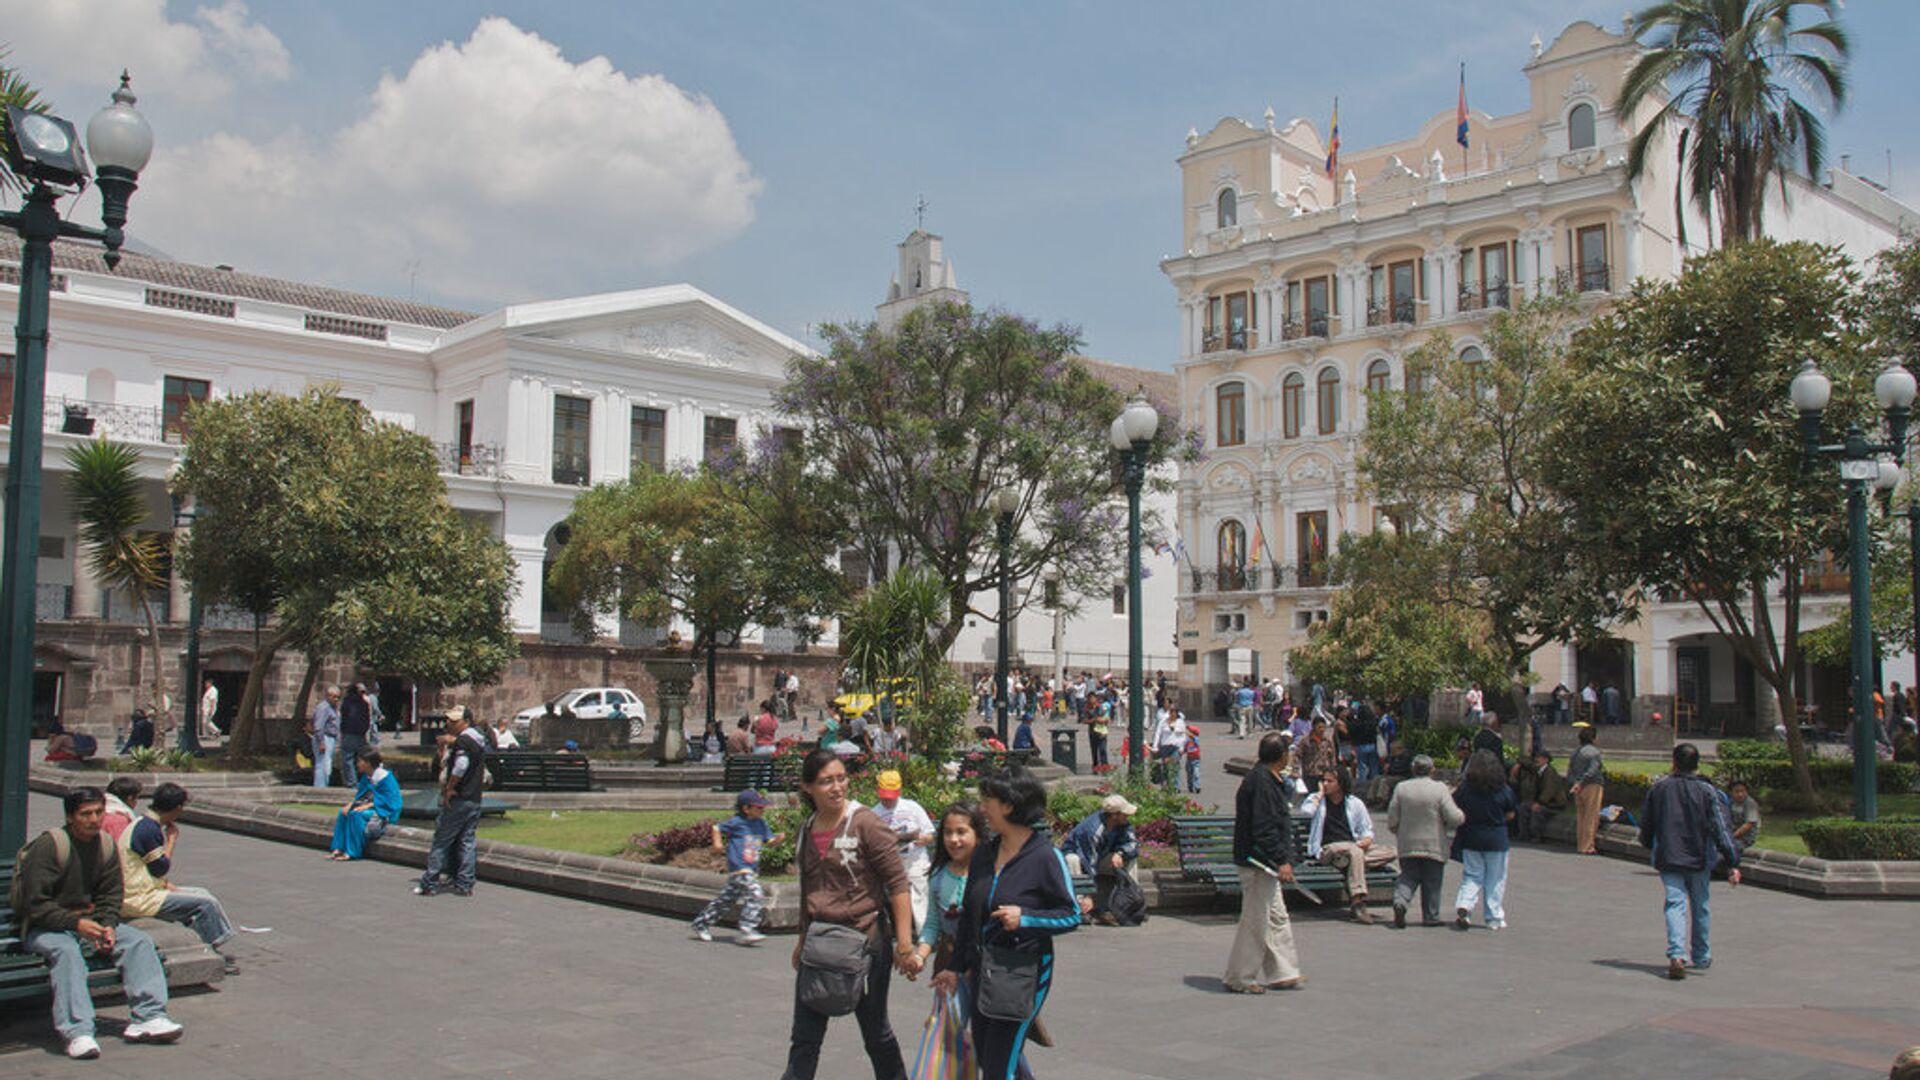 Ciudad de Quito, capital de Ecuador - Sputnik Mundo, 1920, 10.09.2021